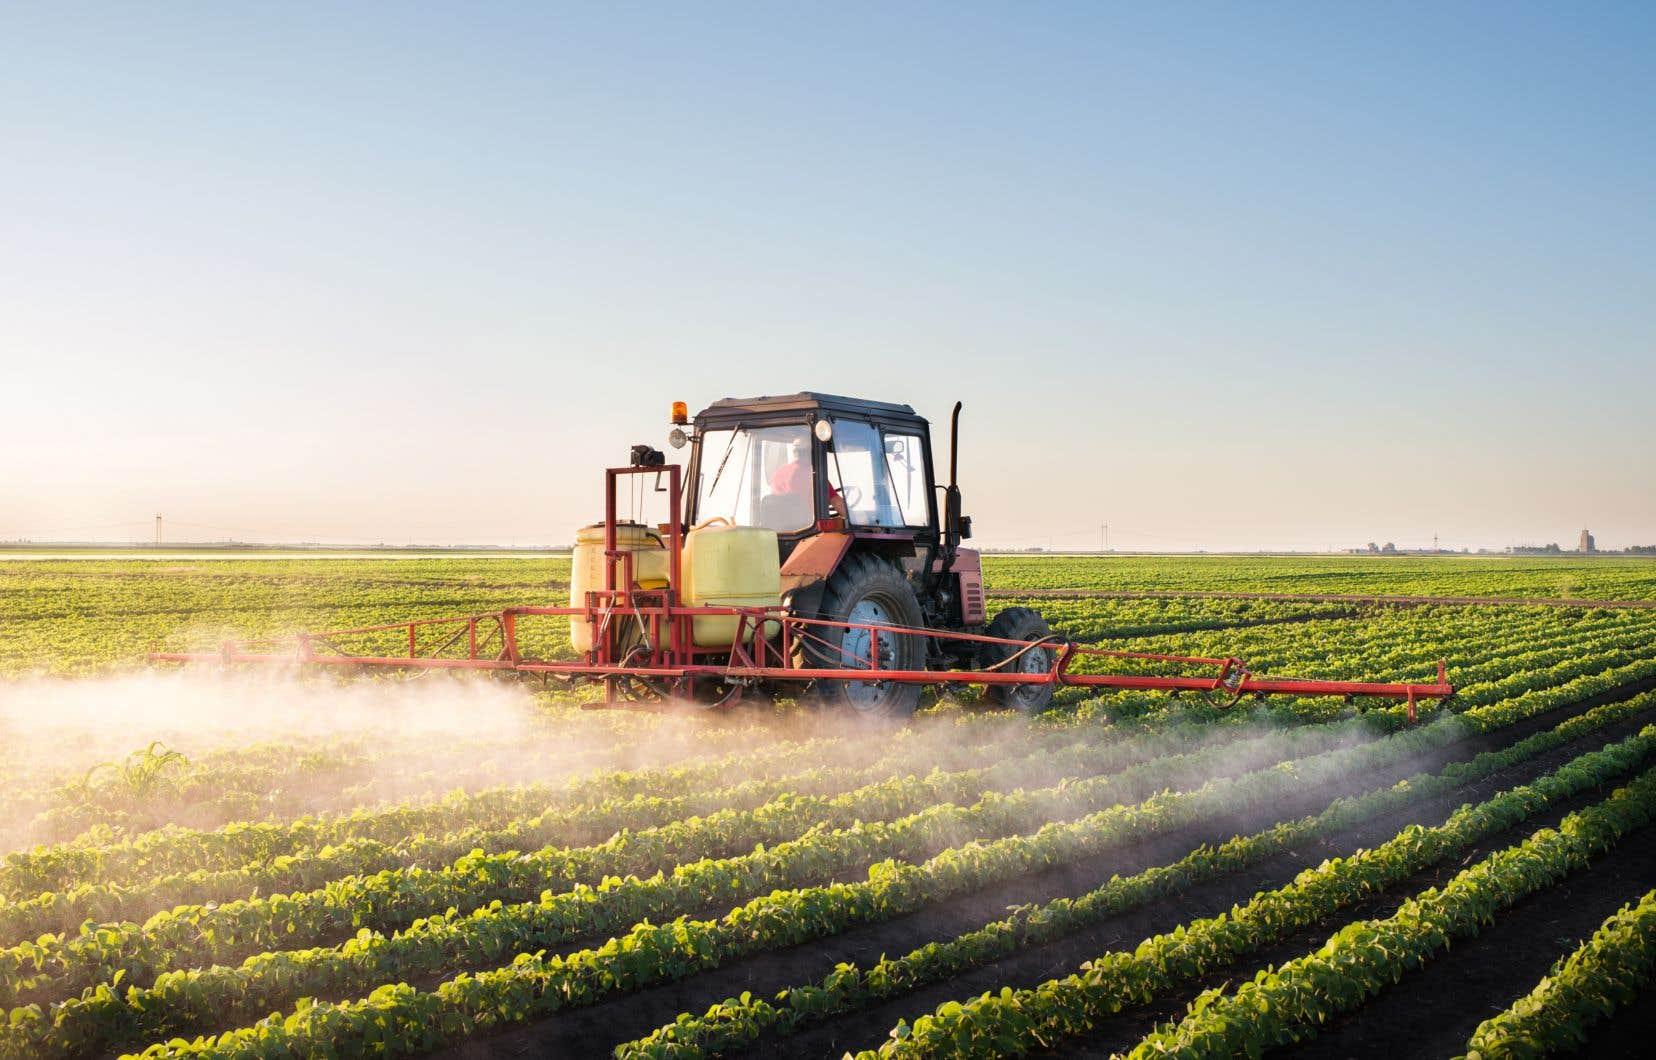 Le Centre de recherche sur les grains (CEROM) s'est fait imposer une restructuration par le ministère de l'Agriculture après les révélations faites dans les médias l'an dernier.